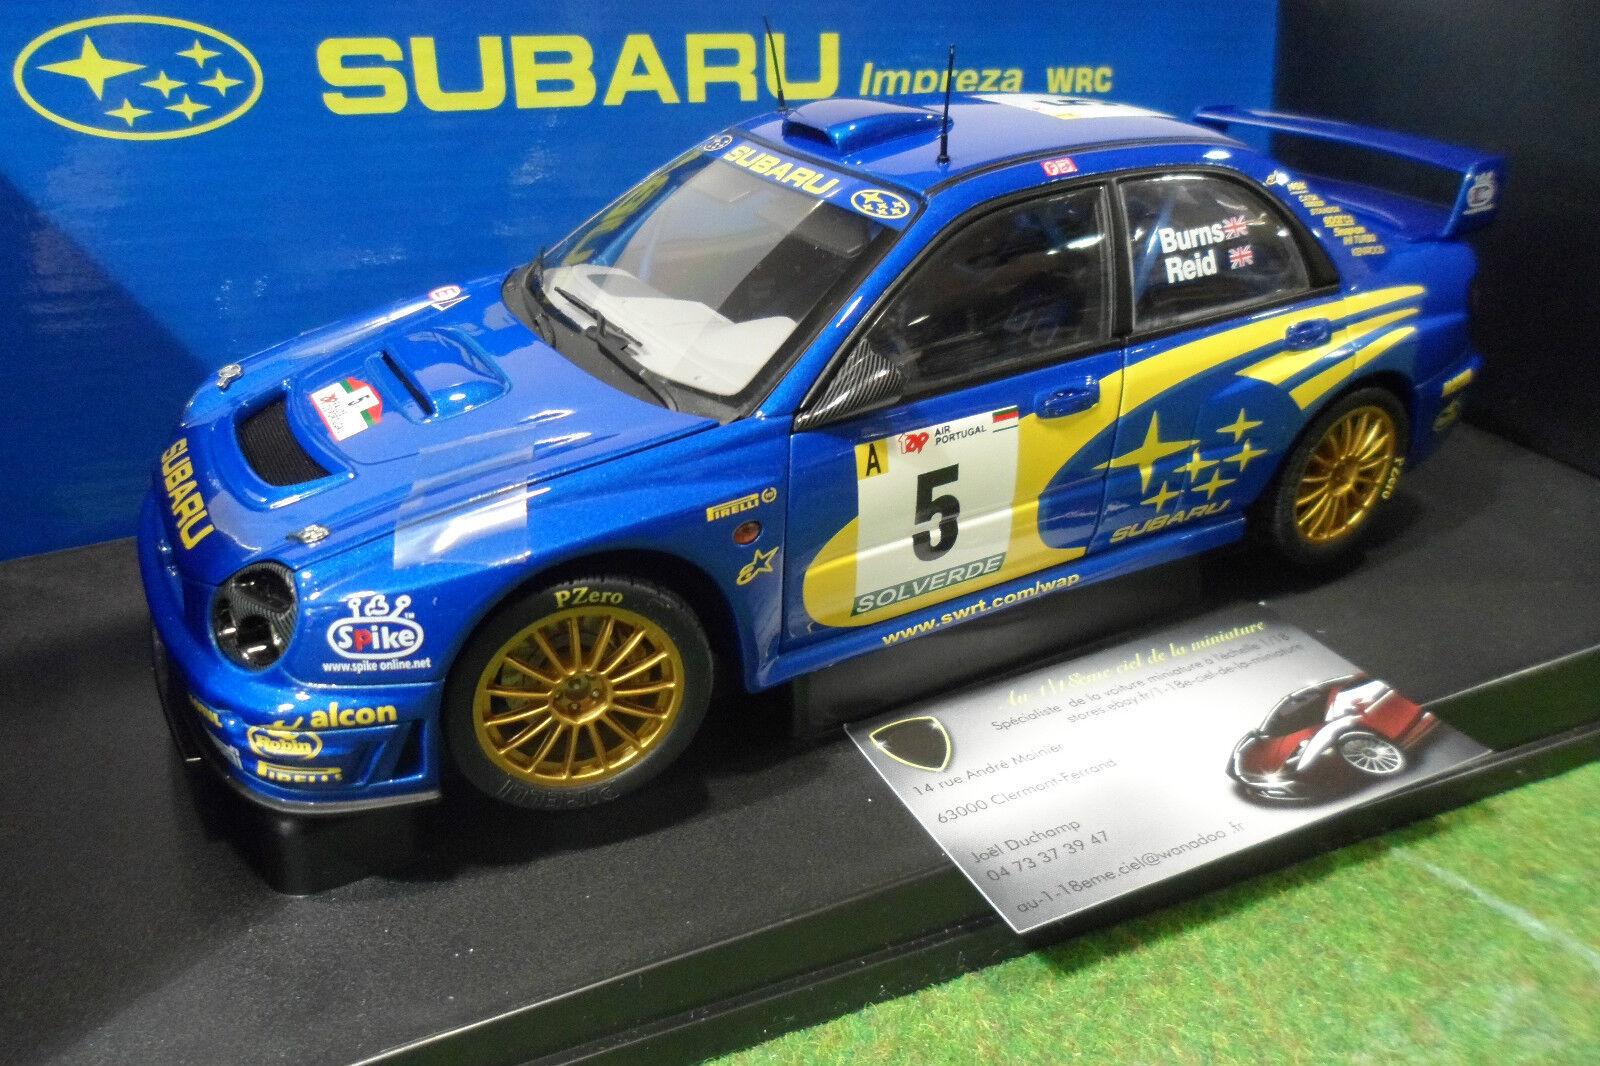 SUBARU IMPREZA WRC  5 RALLYE PORTUGAL 2001 Bleu Burns Reid 1 18 AUTOart 80191